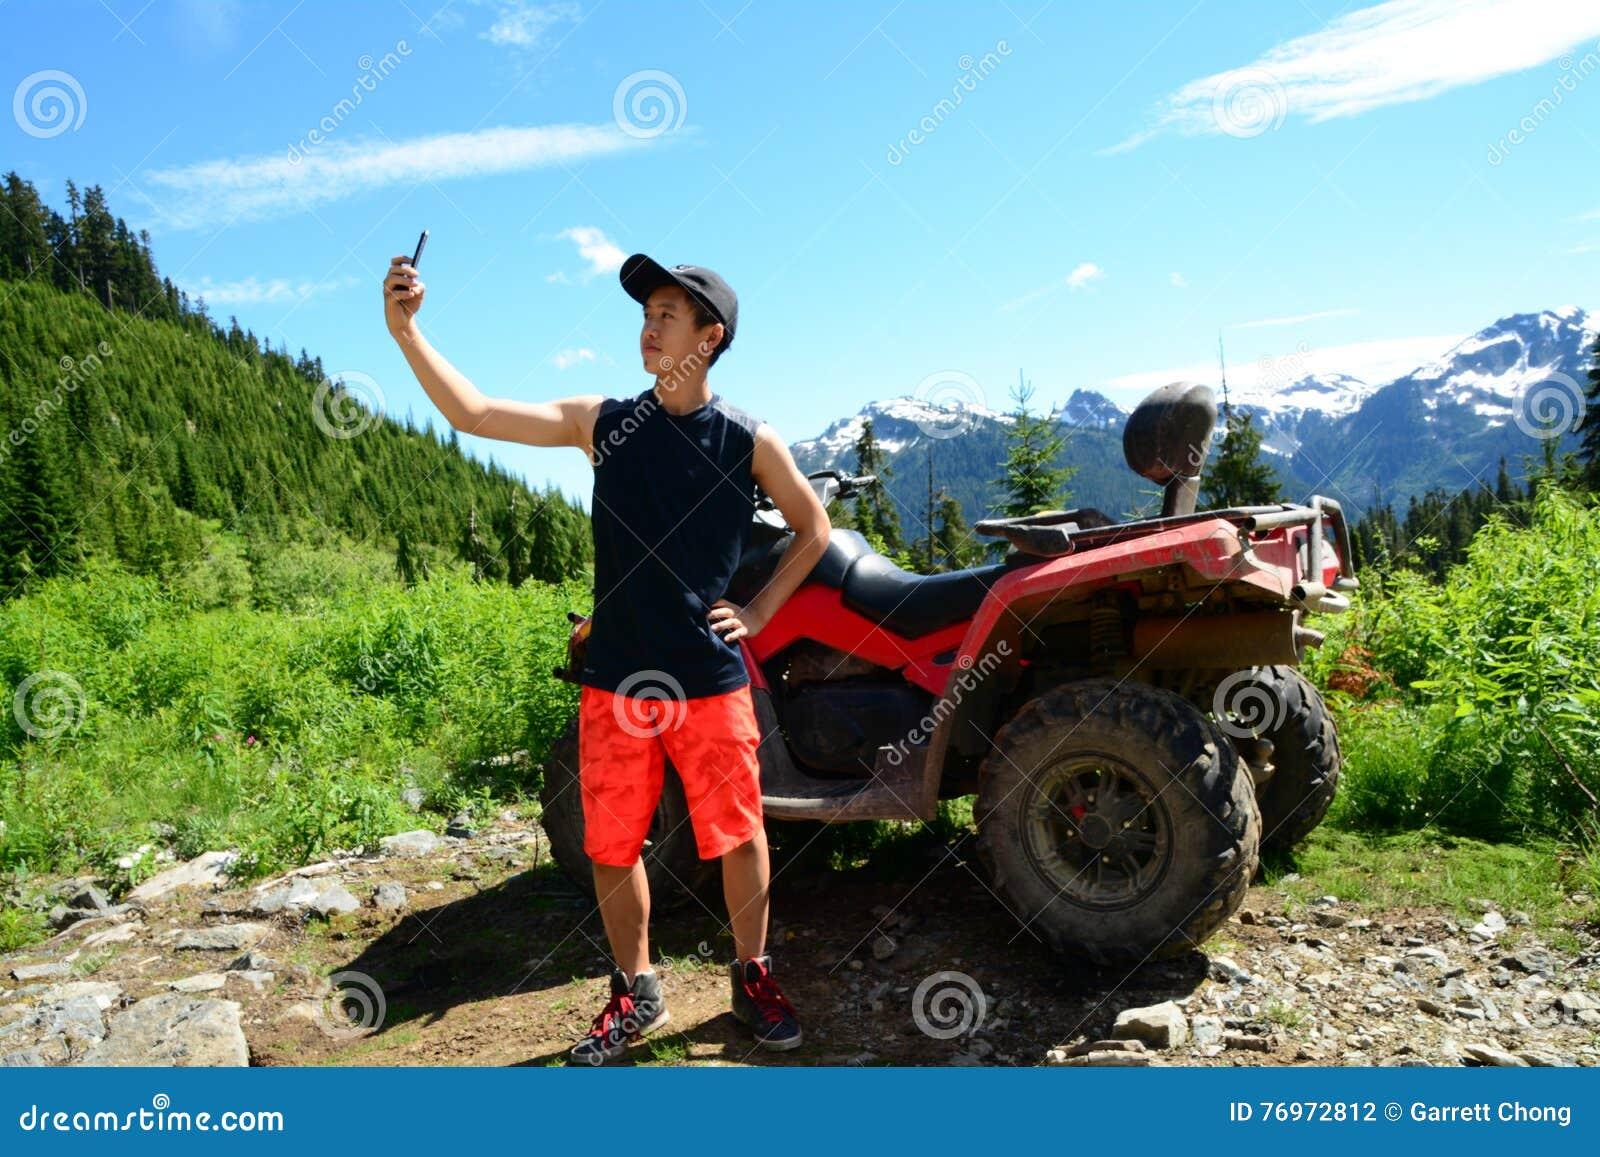 Smartphone Selfie door Generatiey Tiener met ATV & x28; Vehicle& geschikt voor elk terrein x29; Geparkeerd in Bergachtig Forest N